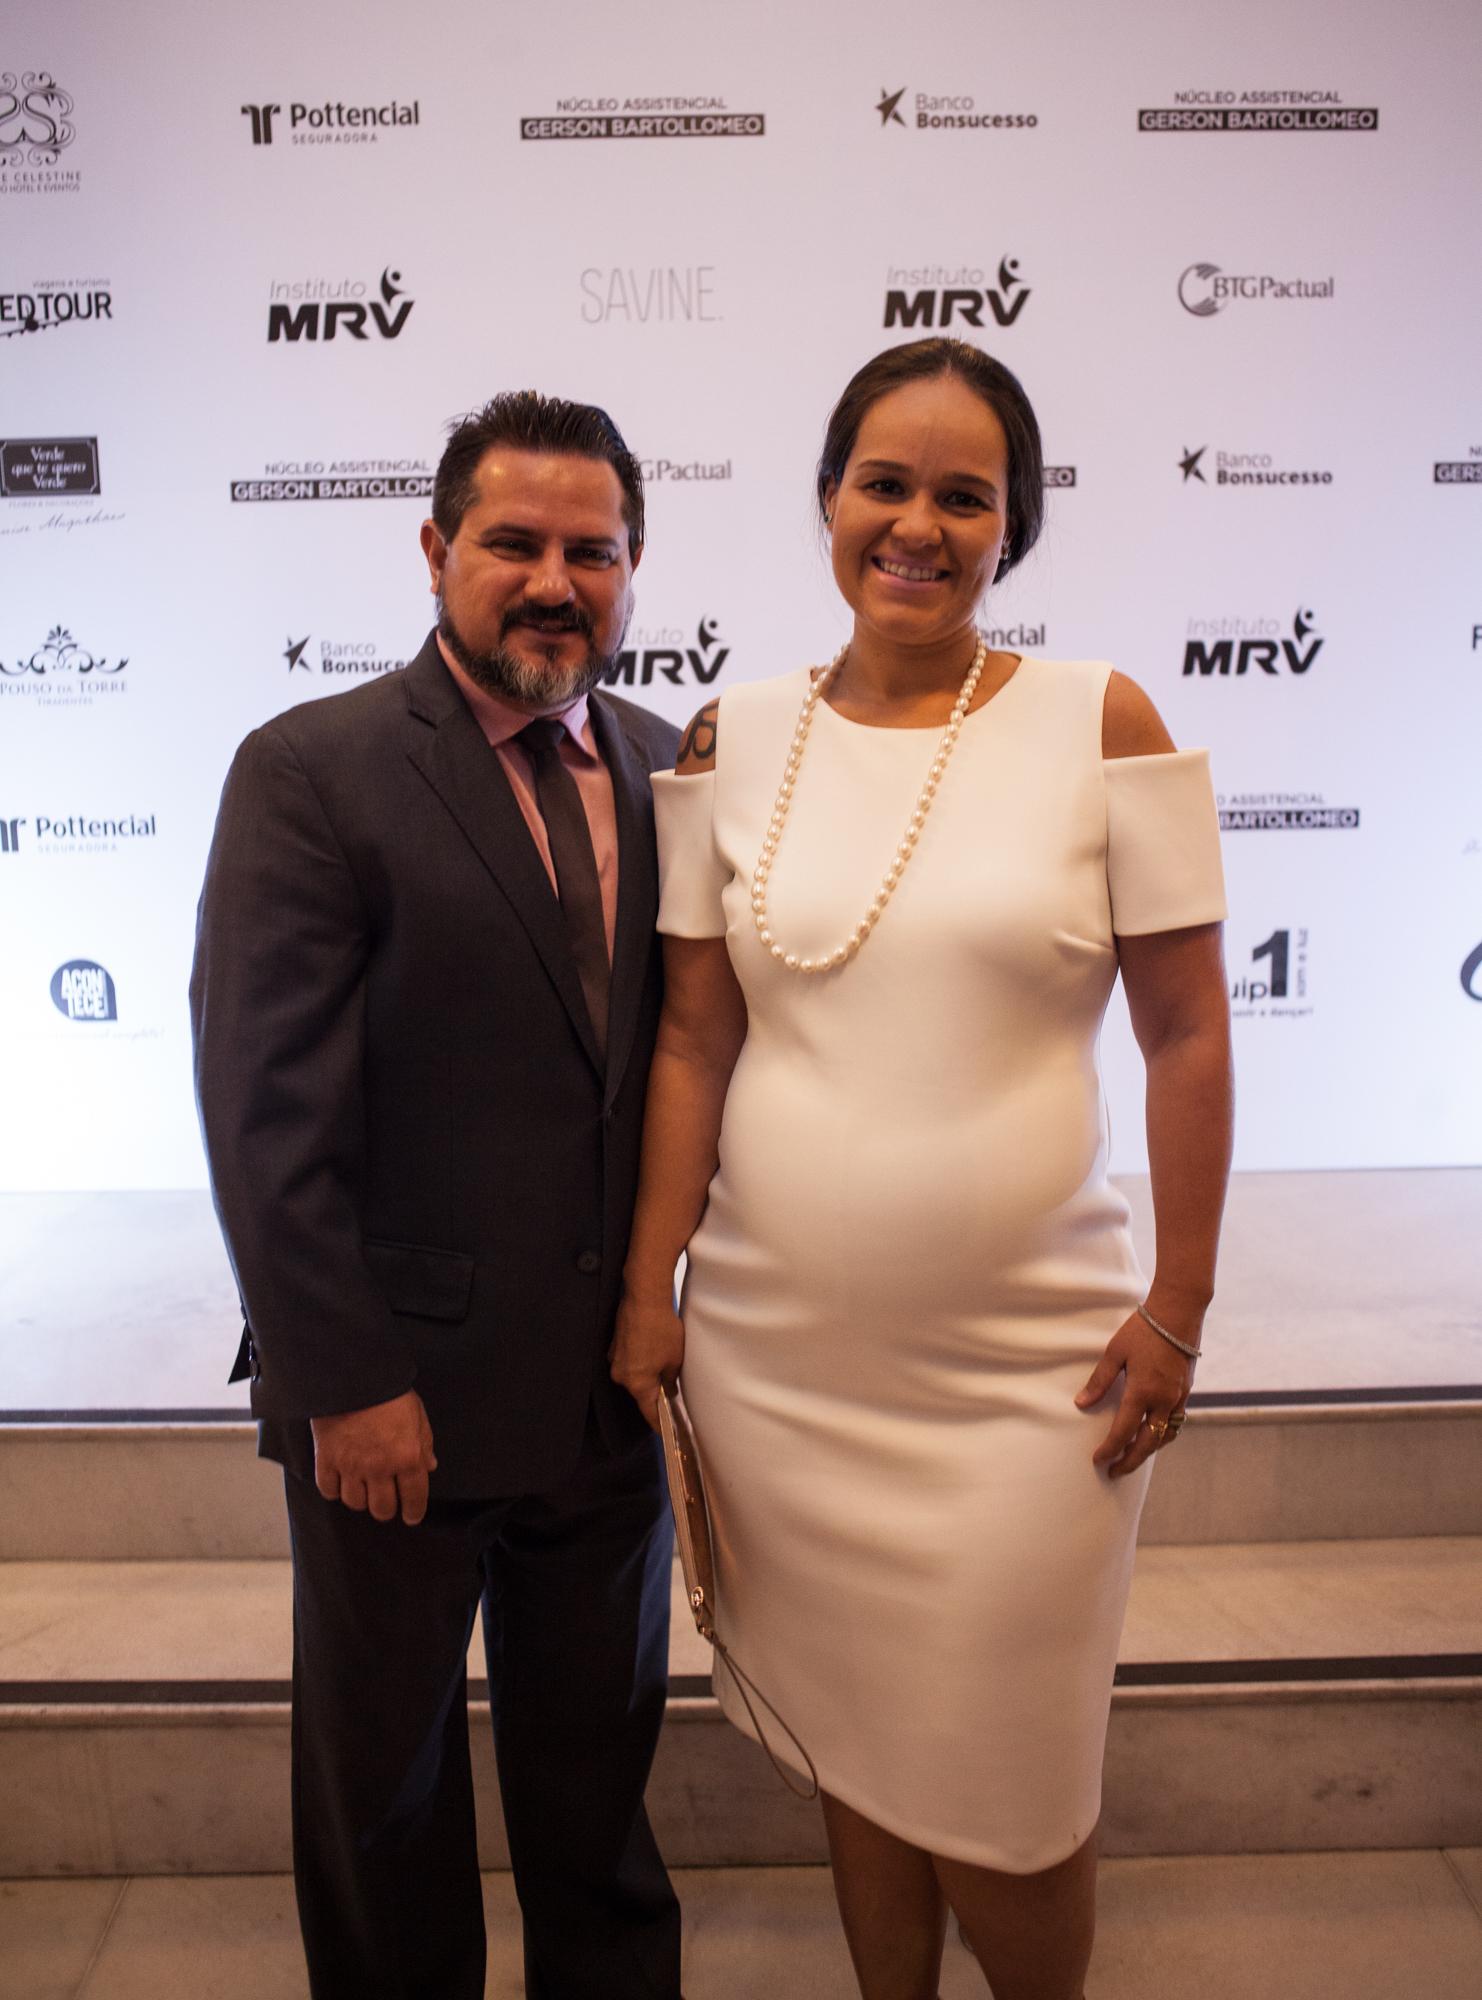 Andre Bicalho e Camila Bastos, Acontece Ceremonial e Eventos BrazilFoundation Belo Horizonte Minas Gerais